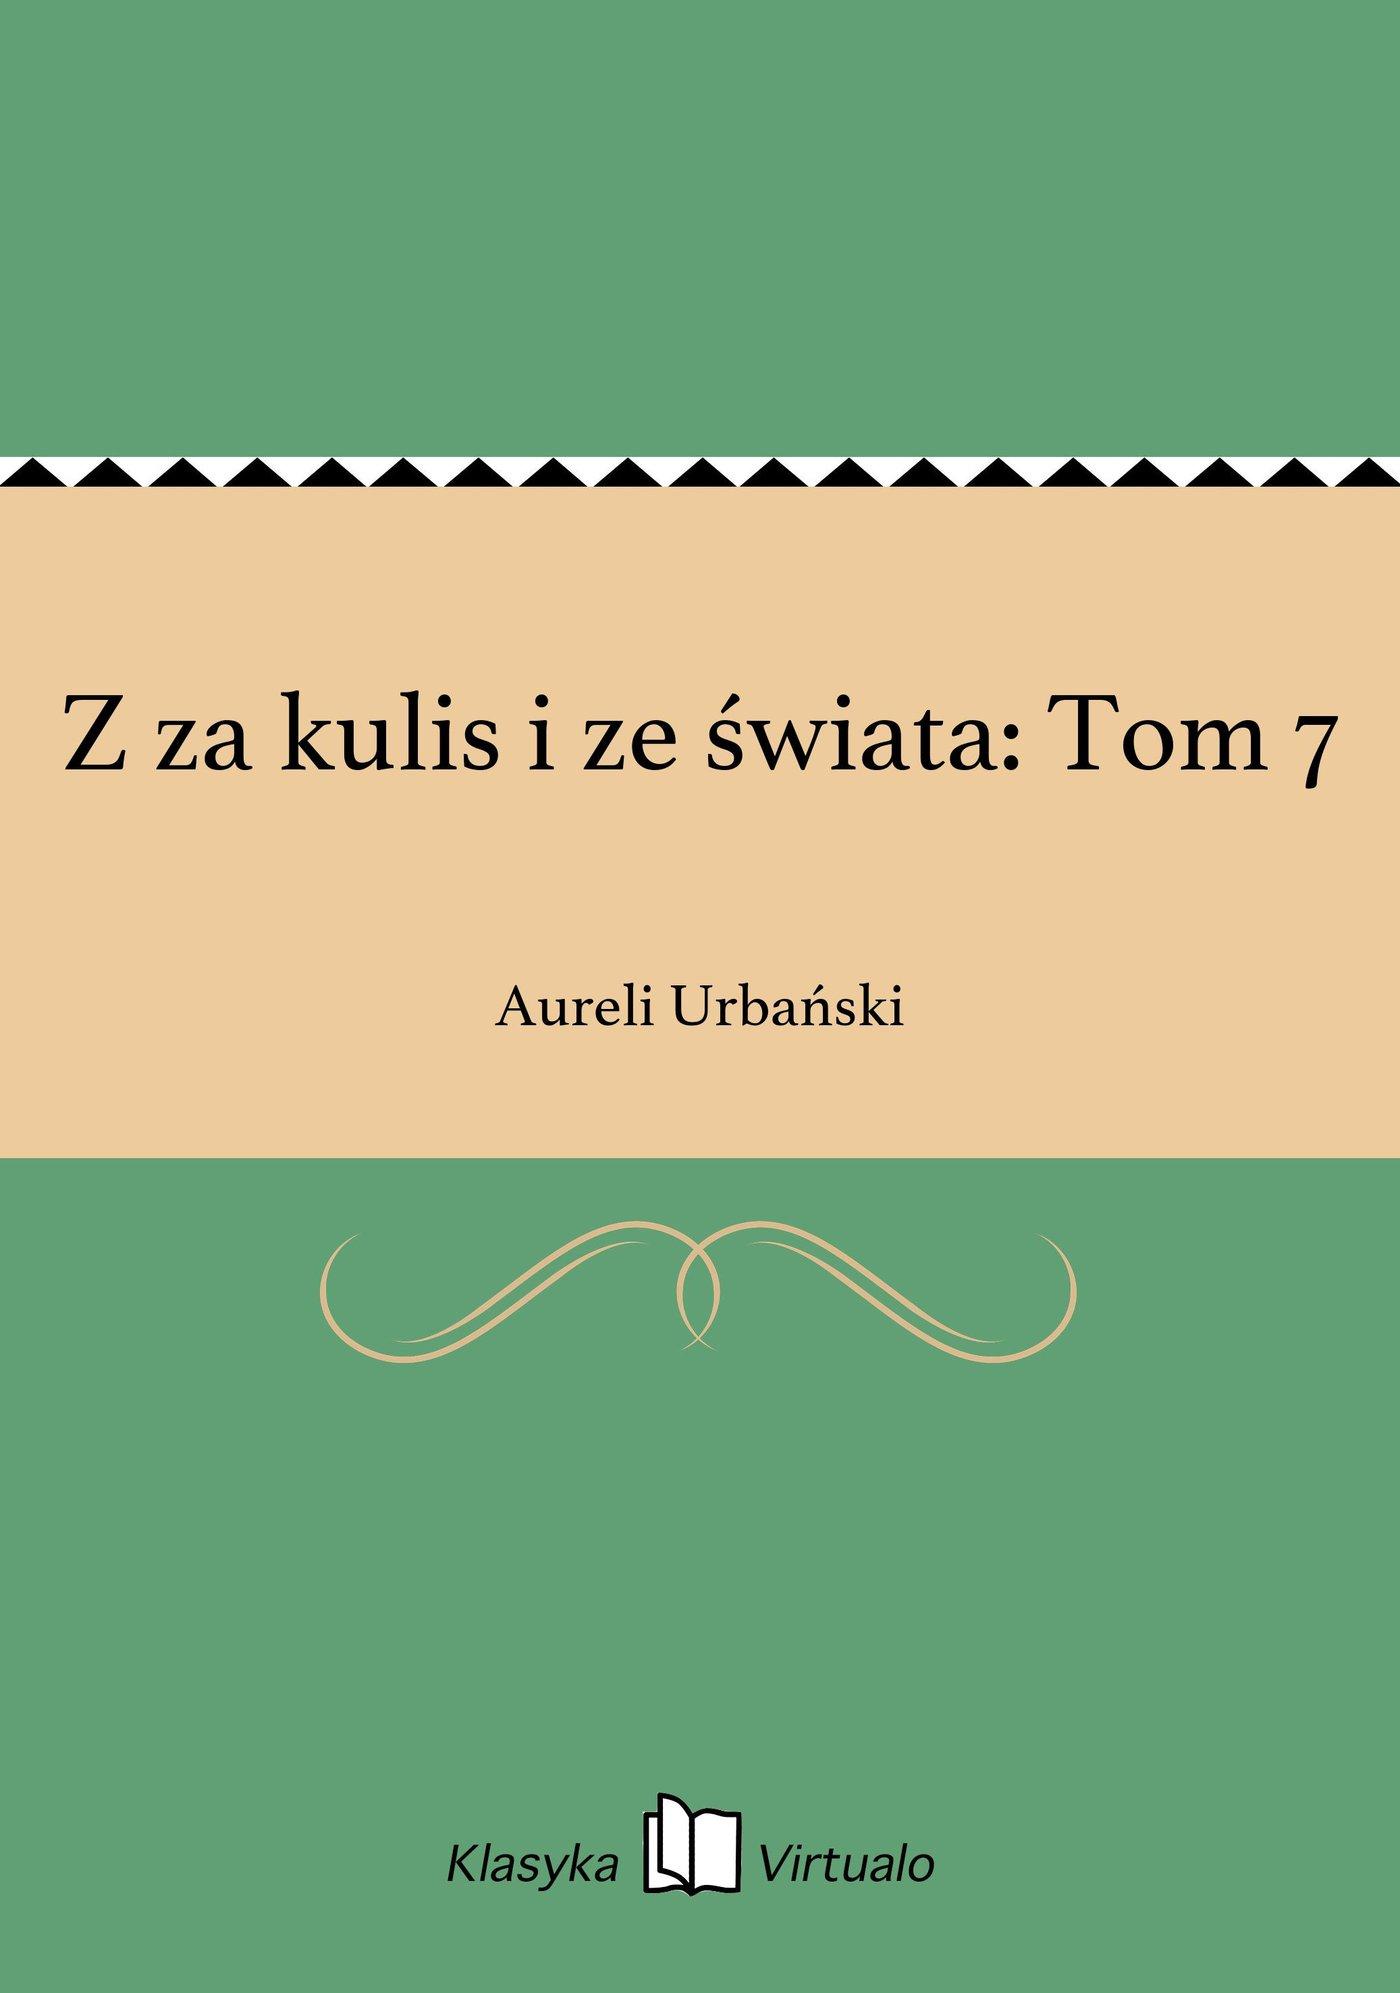 Z za kulis i ze świata: Tom 7 - Ebook (Książka EPUB) do pobrania w formacie EPUB